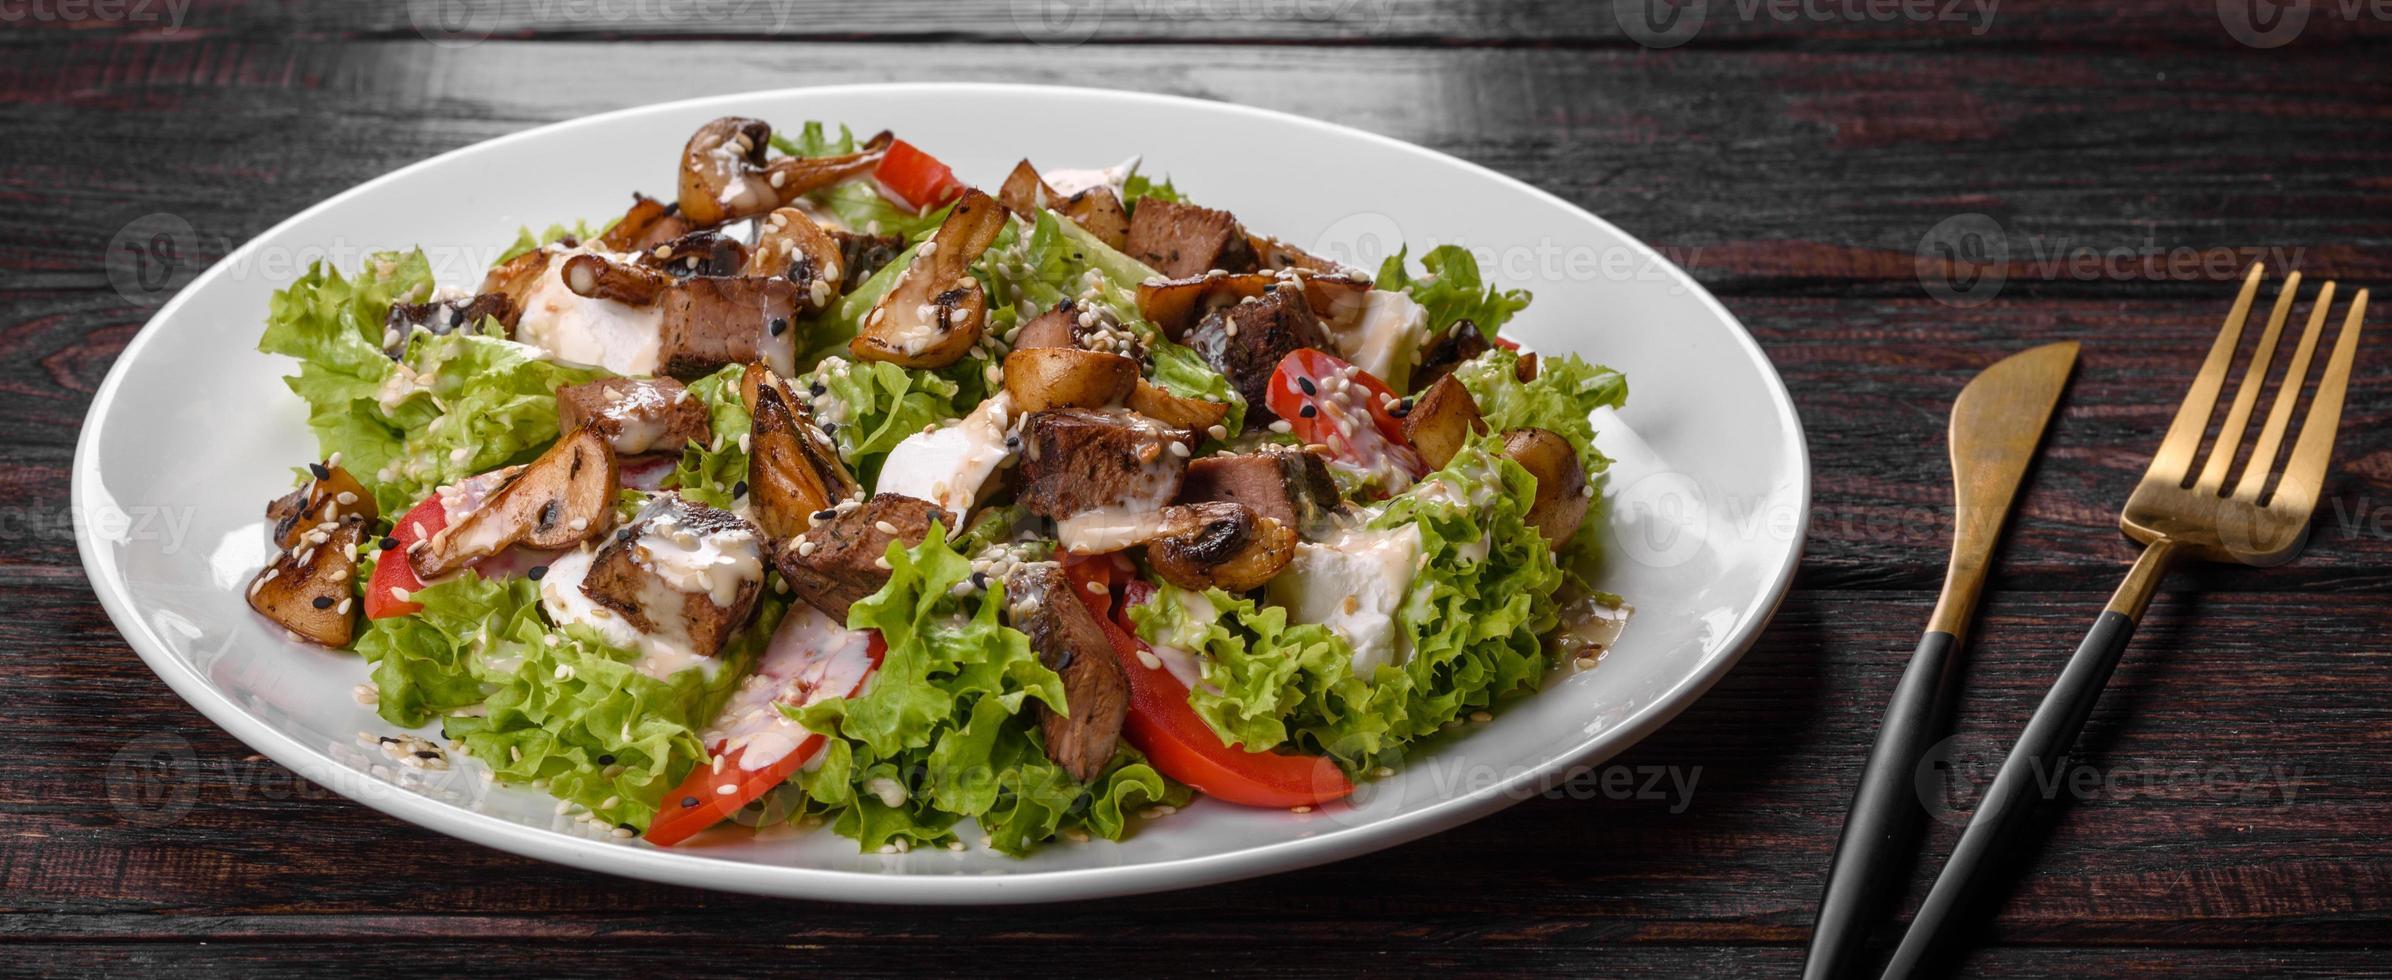 délicieuse salade de boeuf frais pour une table de fête photo